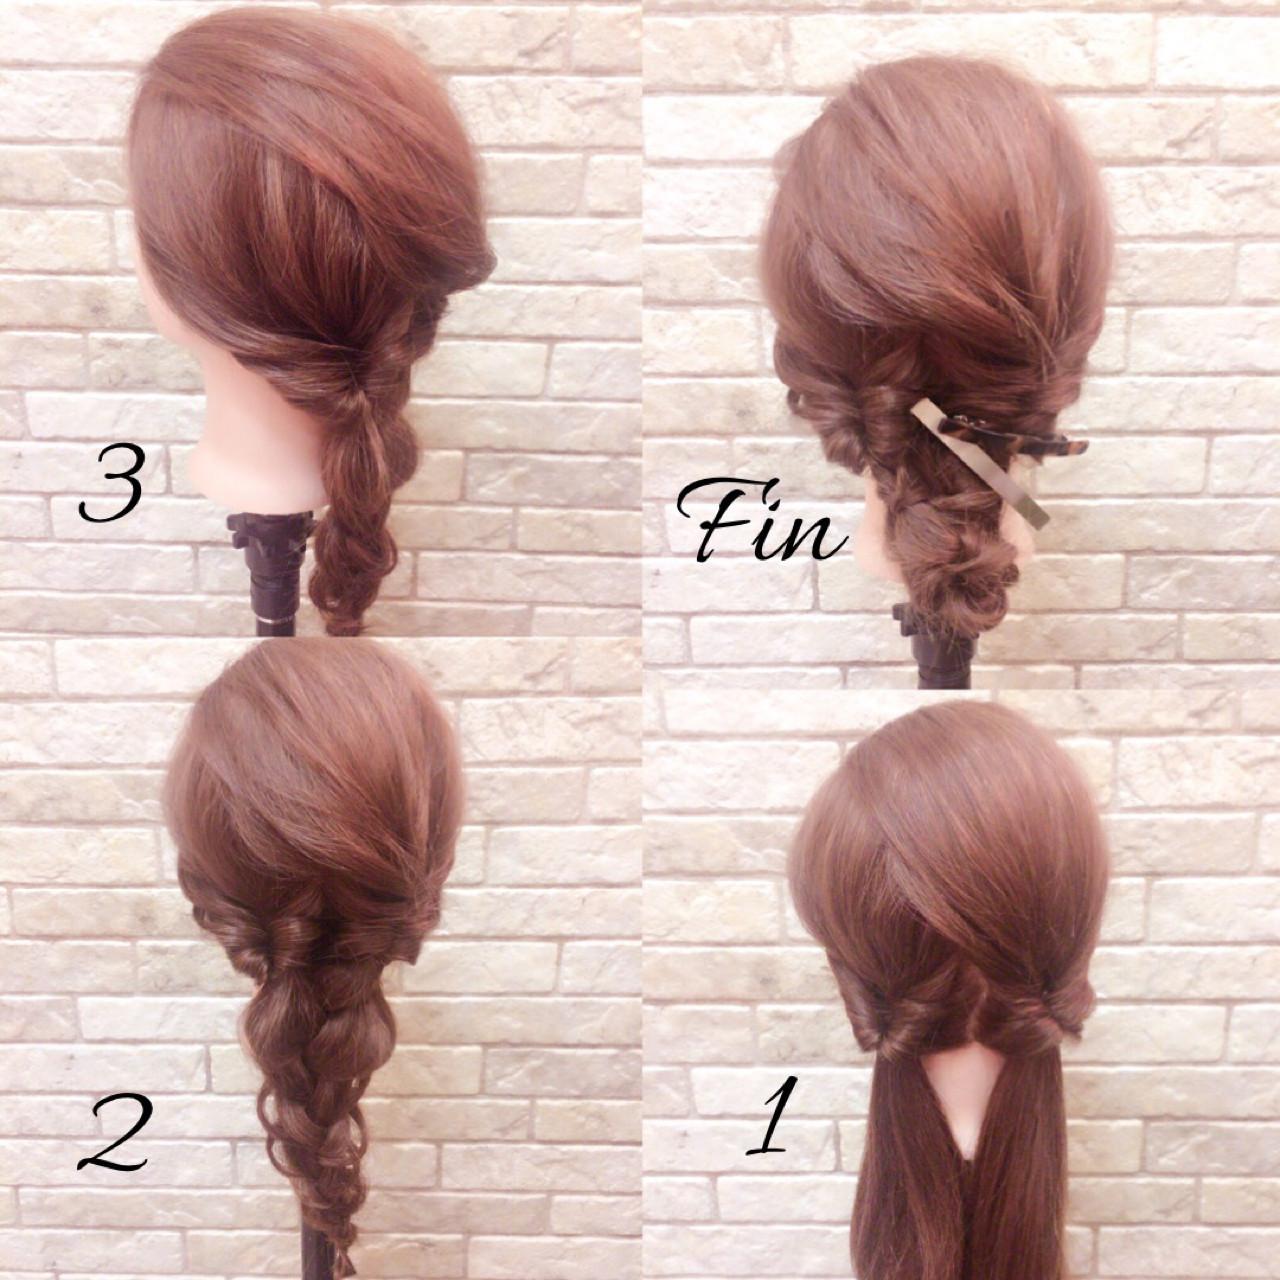 ミディアム 大人女子 フェミニン 簡単ヘアアレンジ ヘアスタイルや髪型の写真・画像